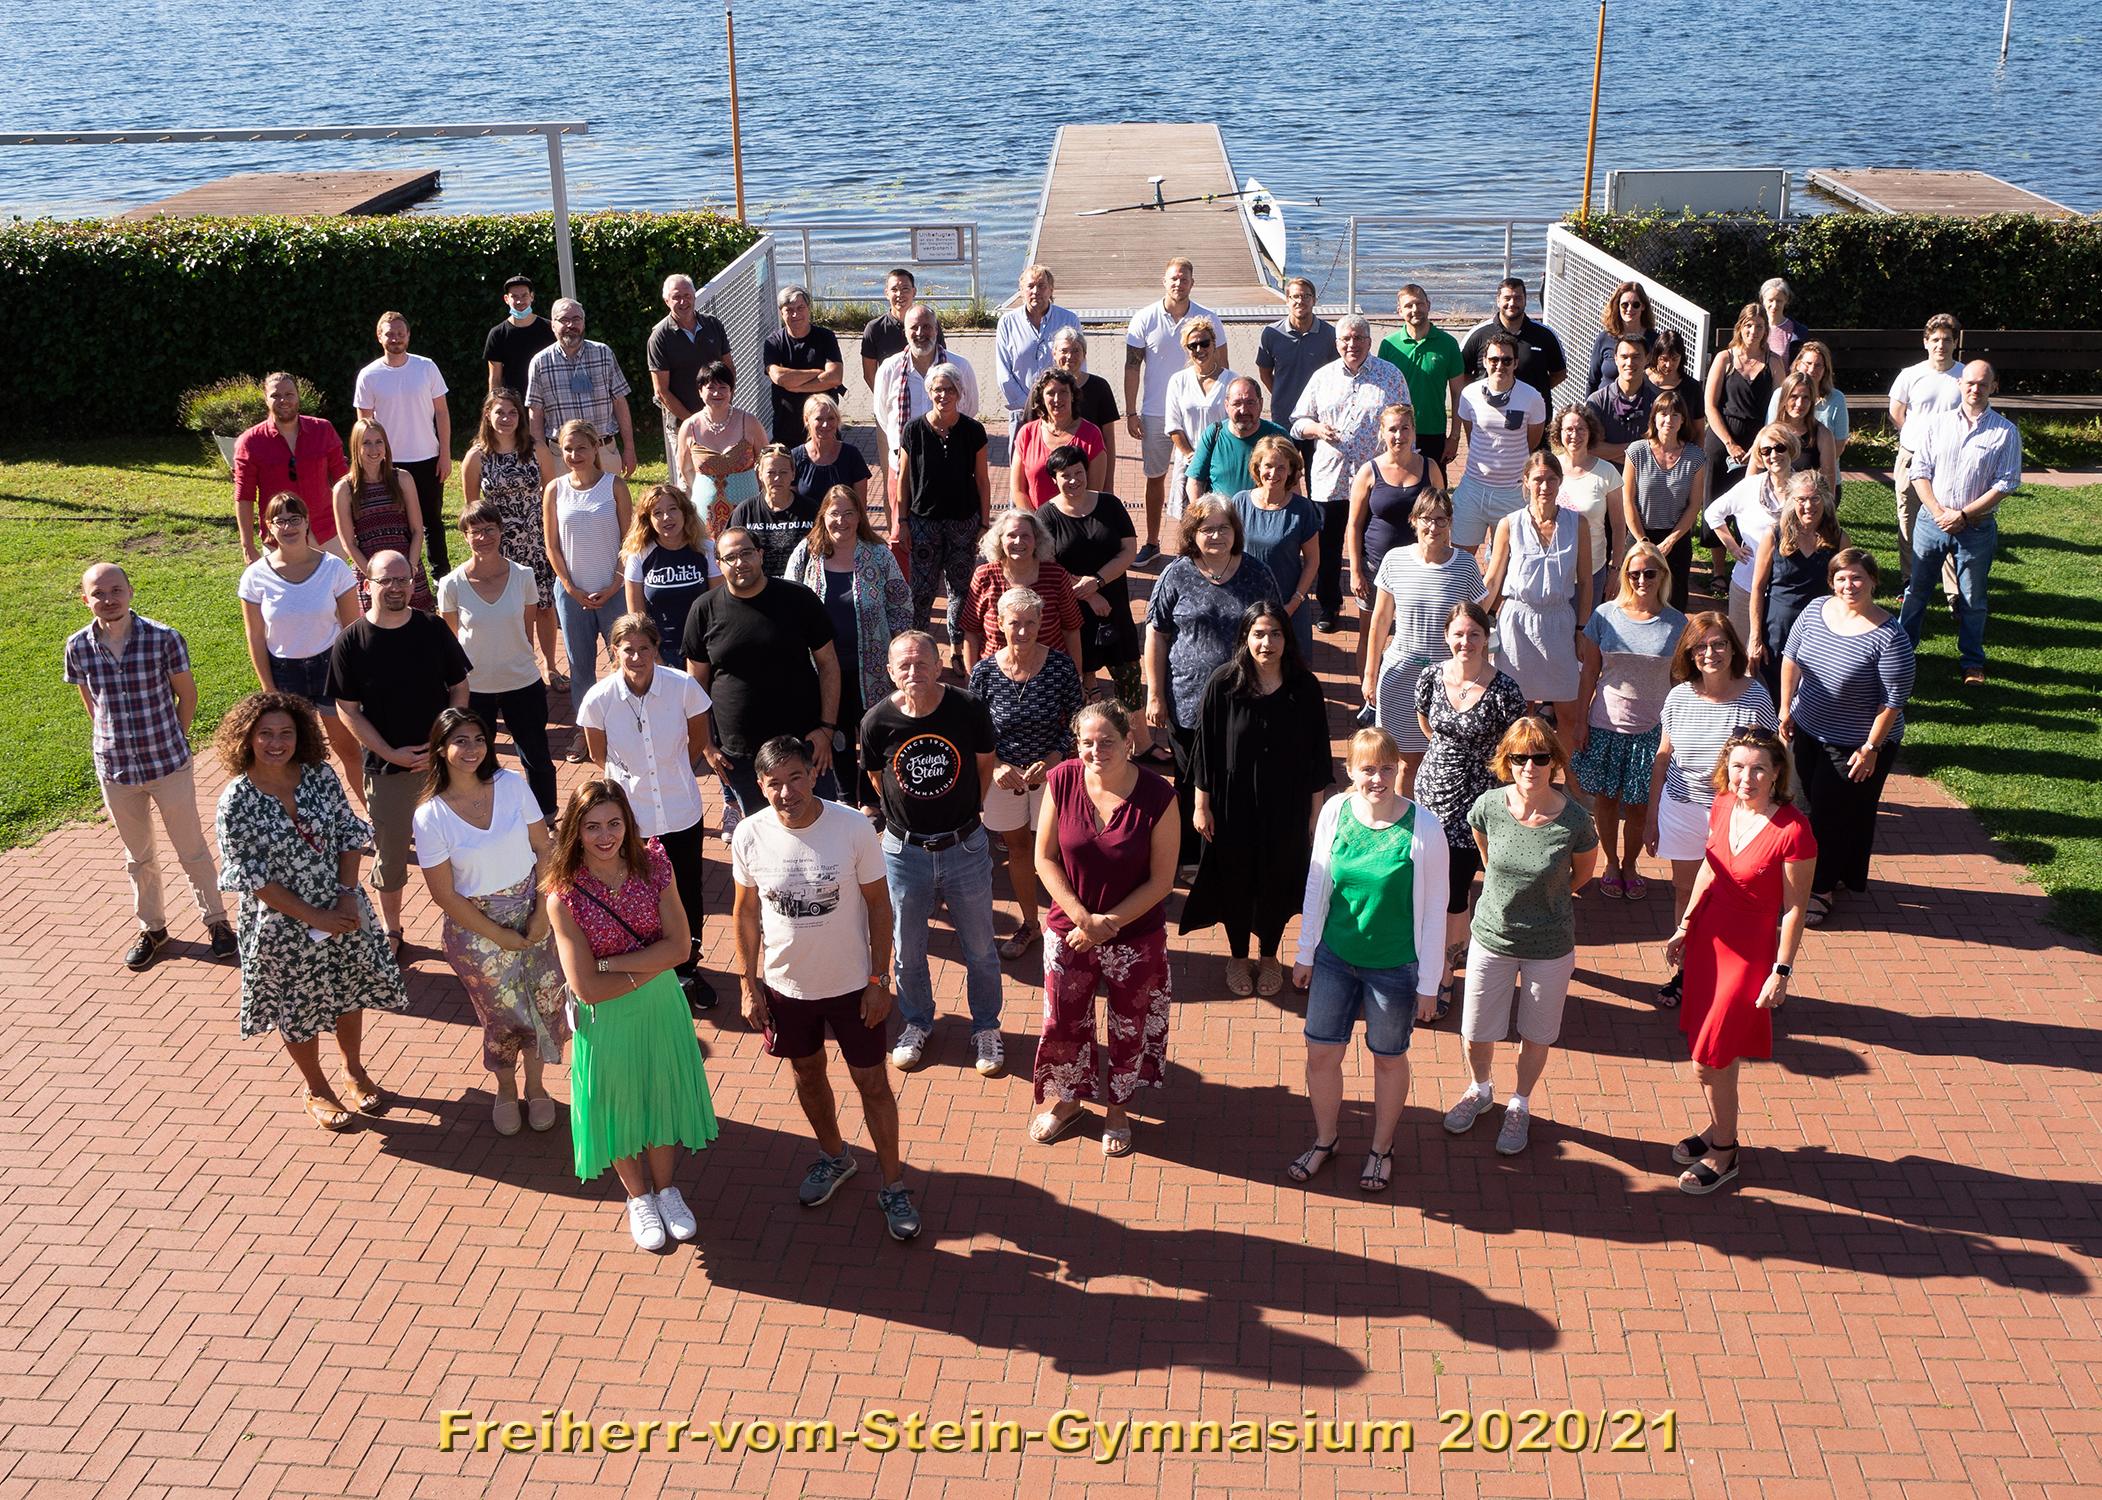 http://www.steingymnasium.de/wp-content/uploads/2020/09/Kollegium-gesamt-2.jpg